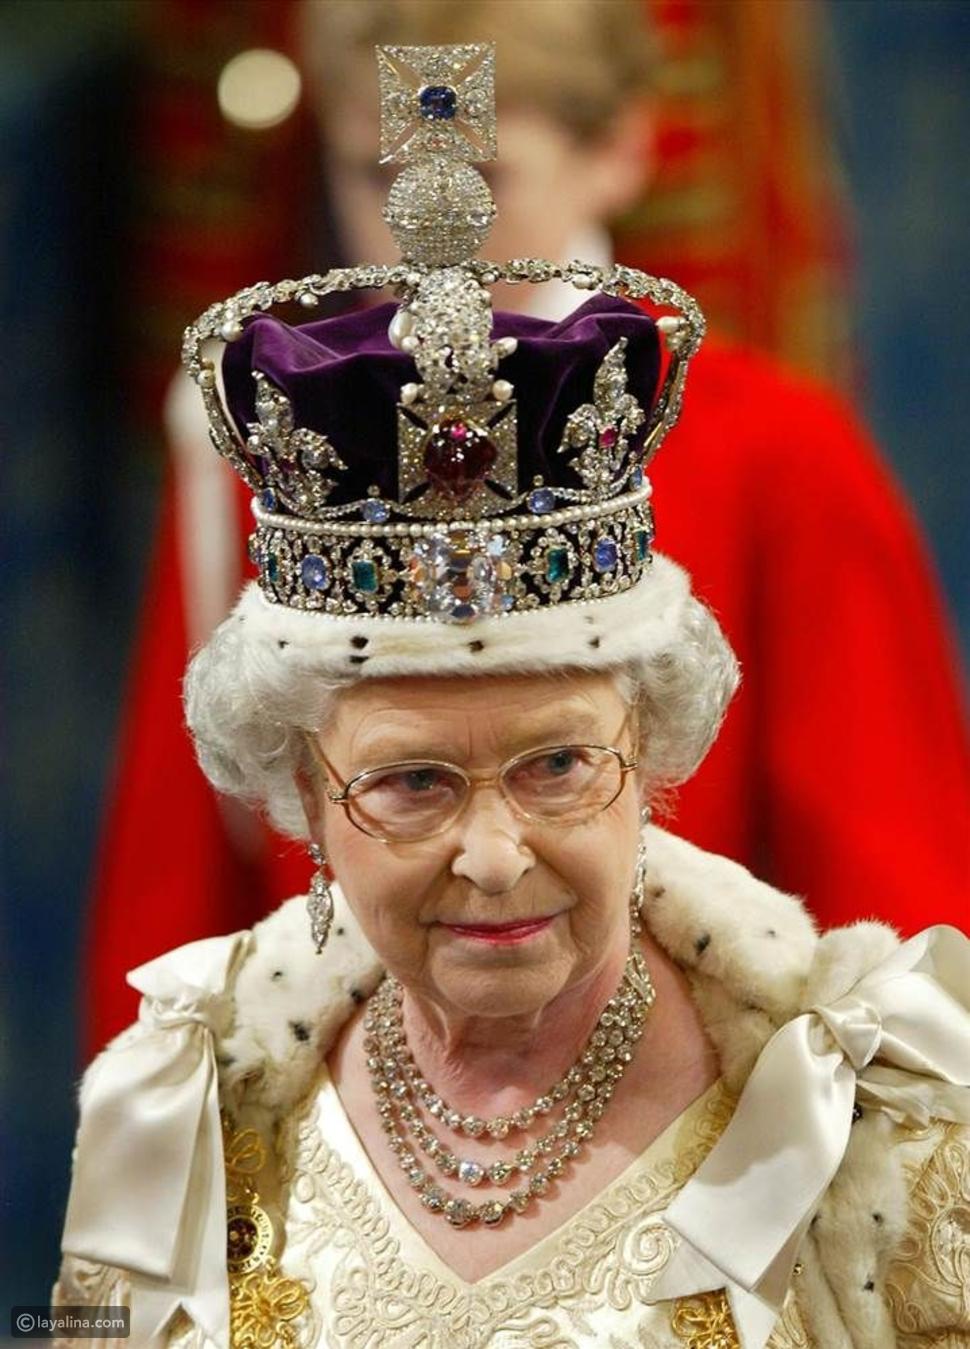 كل التفاصيل والفضول حول تاج الملكة إليزابيث الثانية